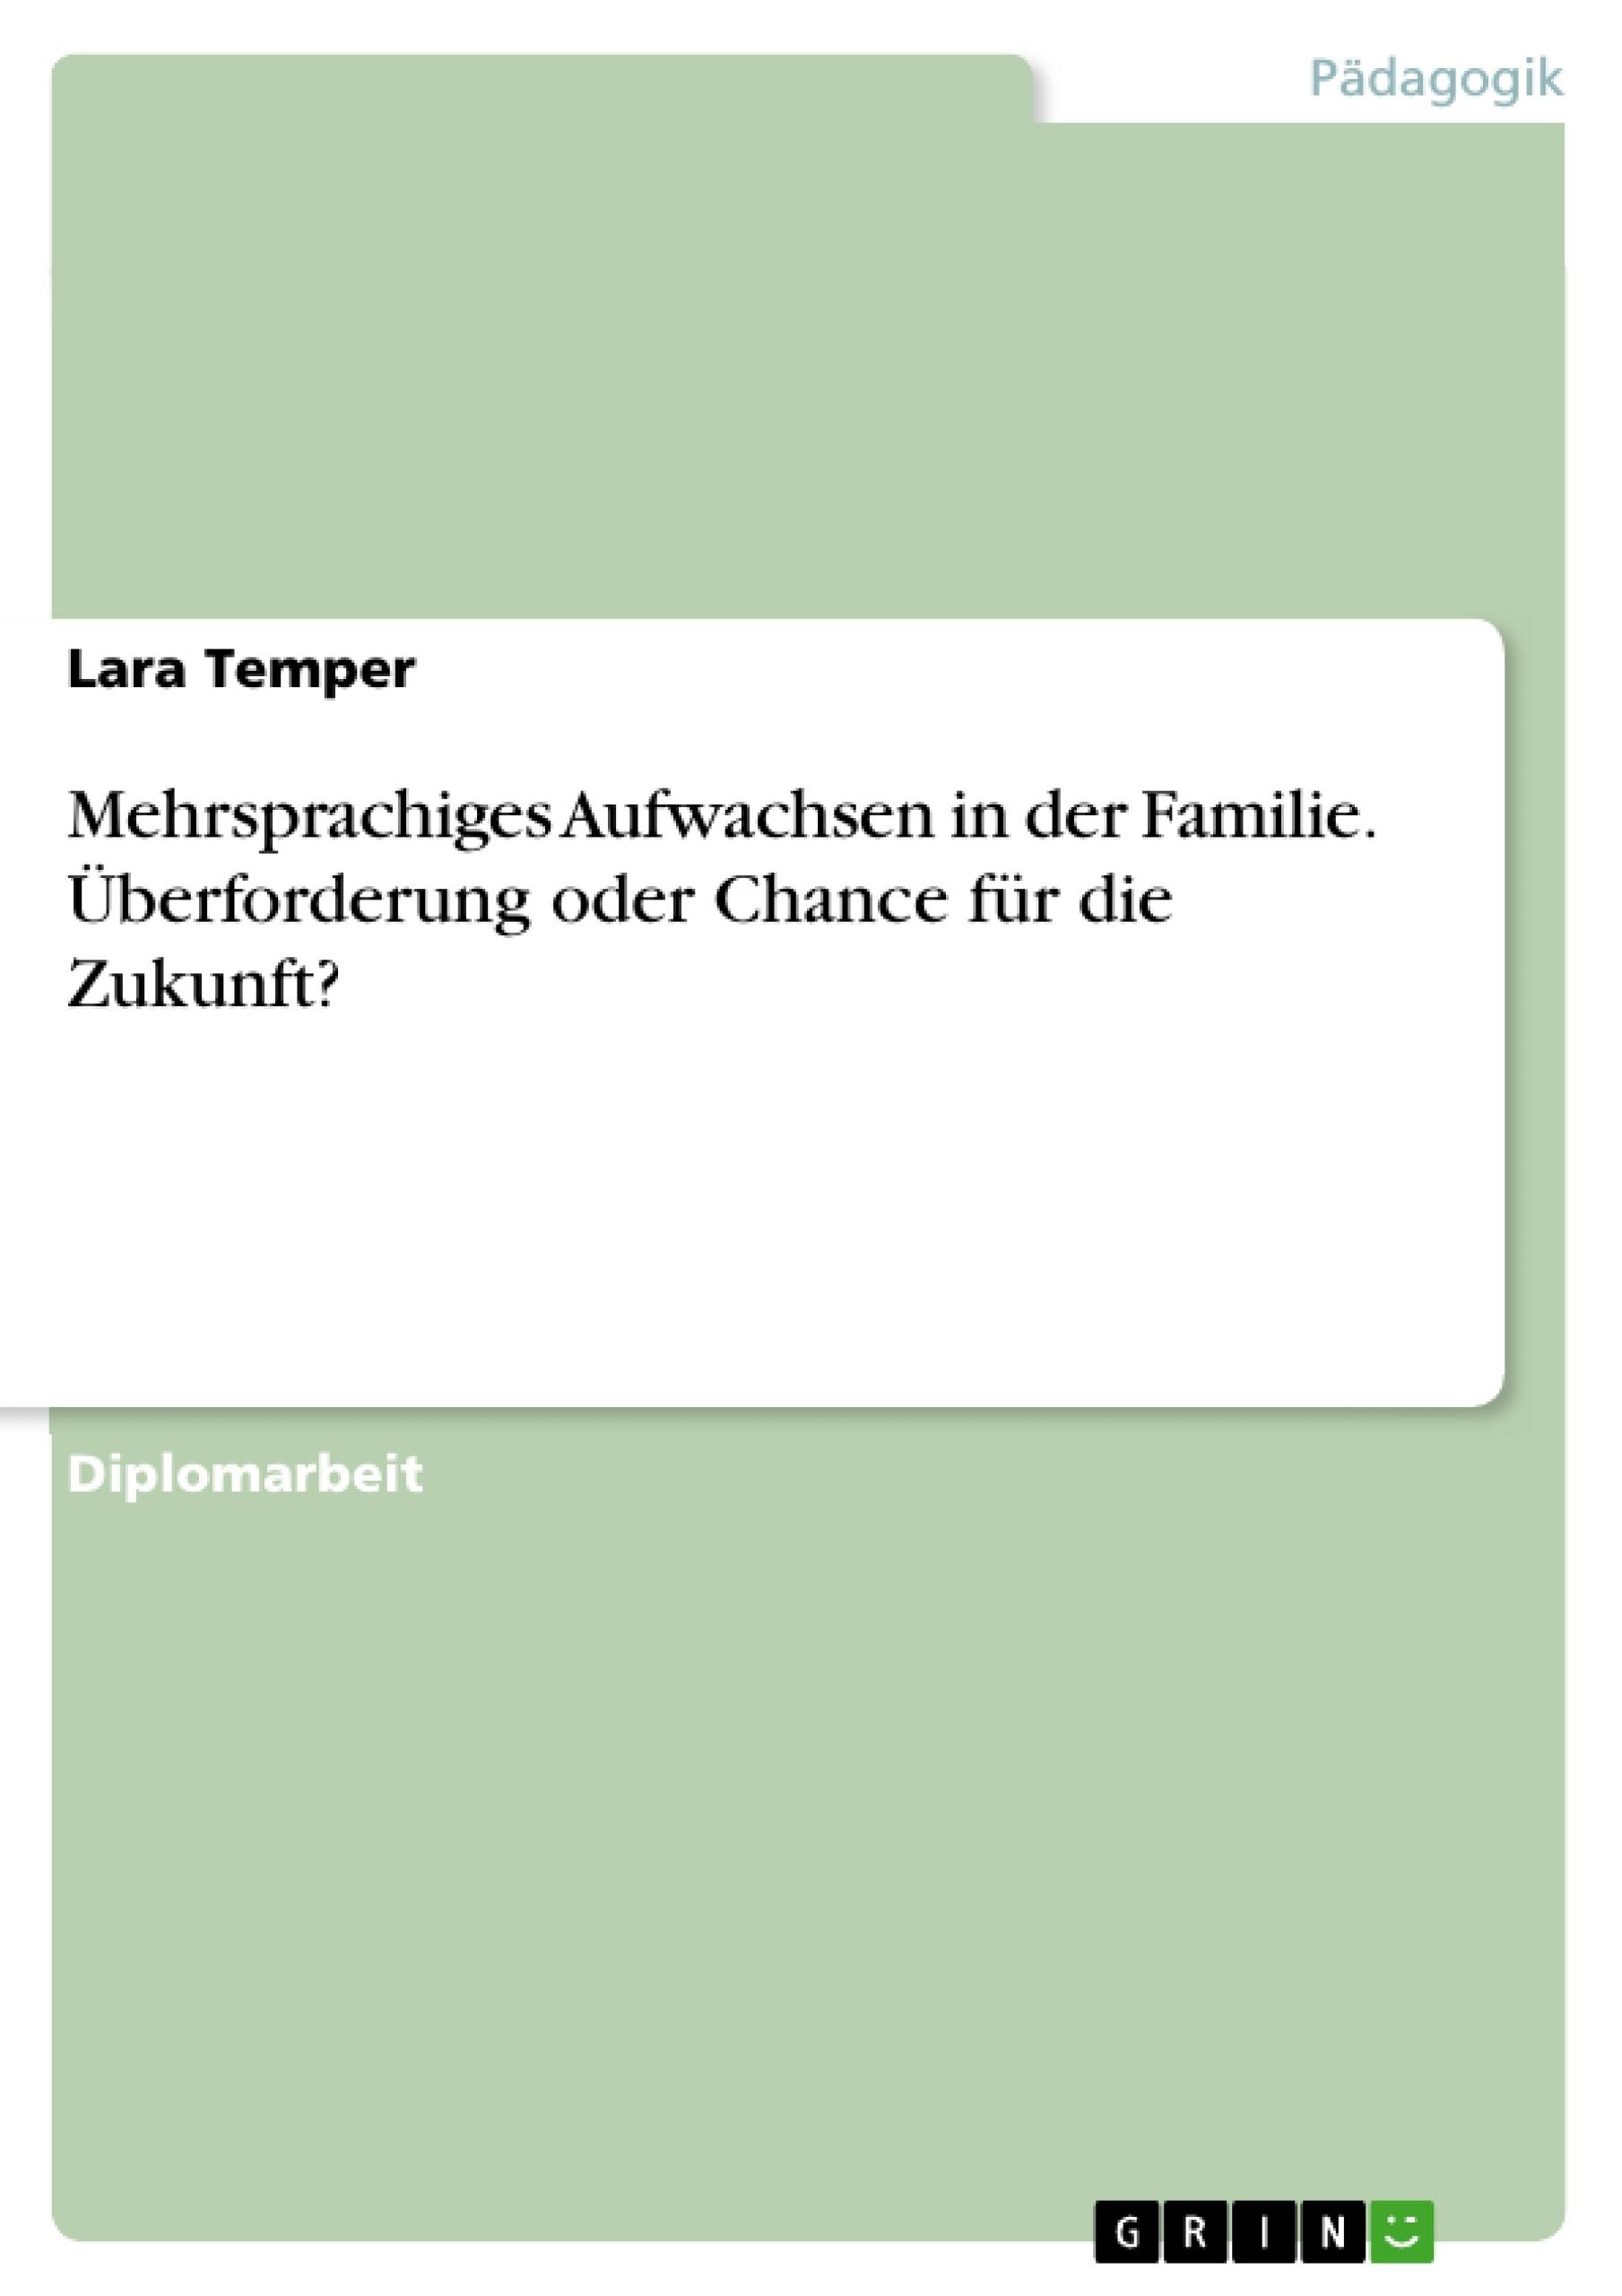 Titel: Mehrsprachiges Aufwachsen in der Familie. Überforderung oder Chance für die Zukunft?